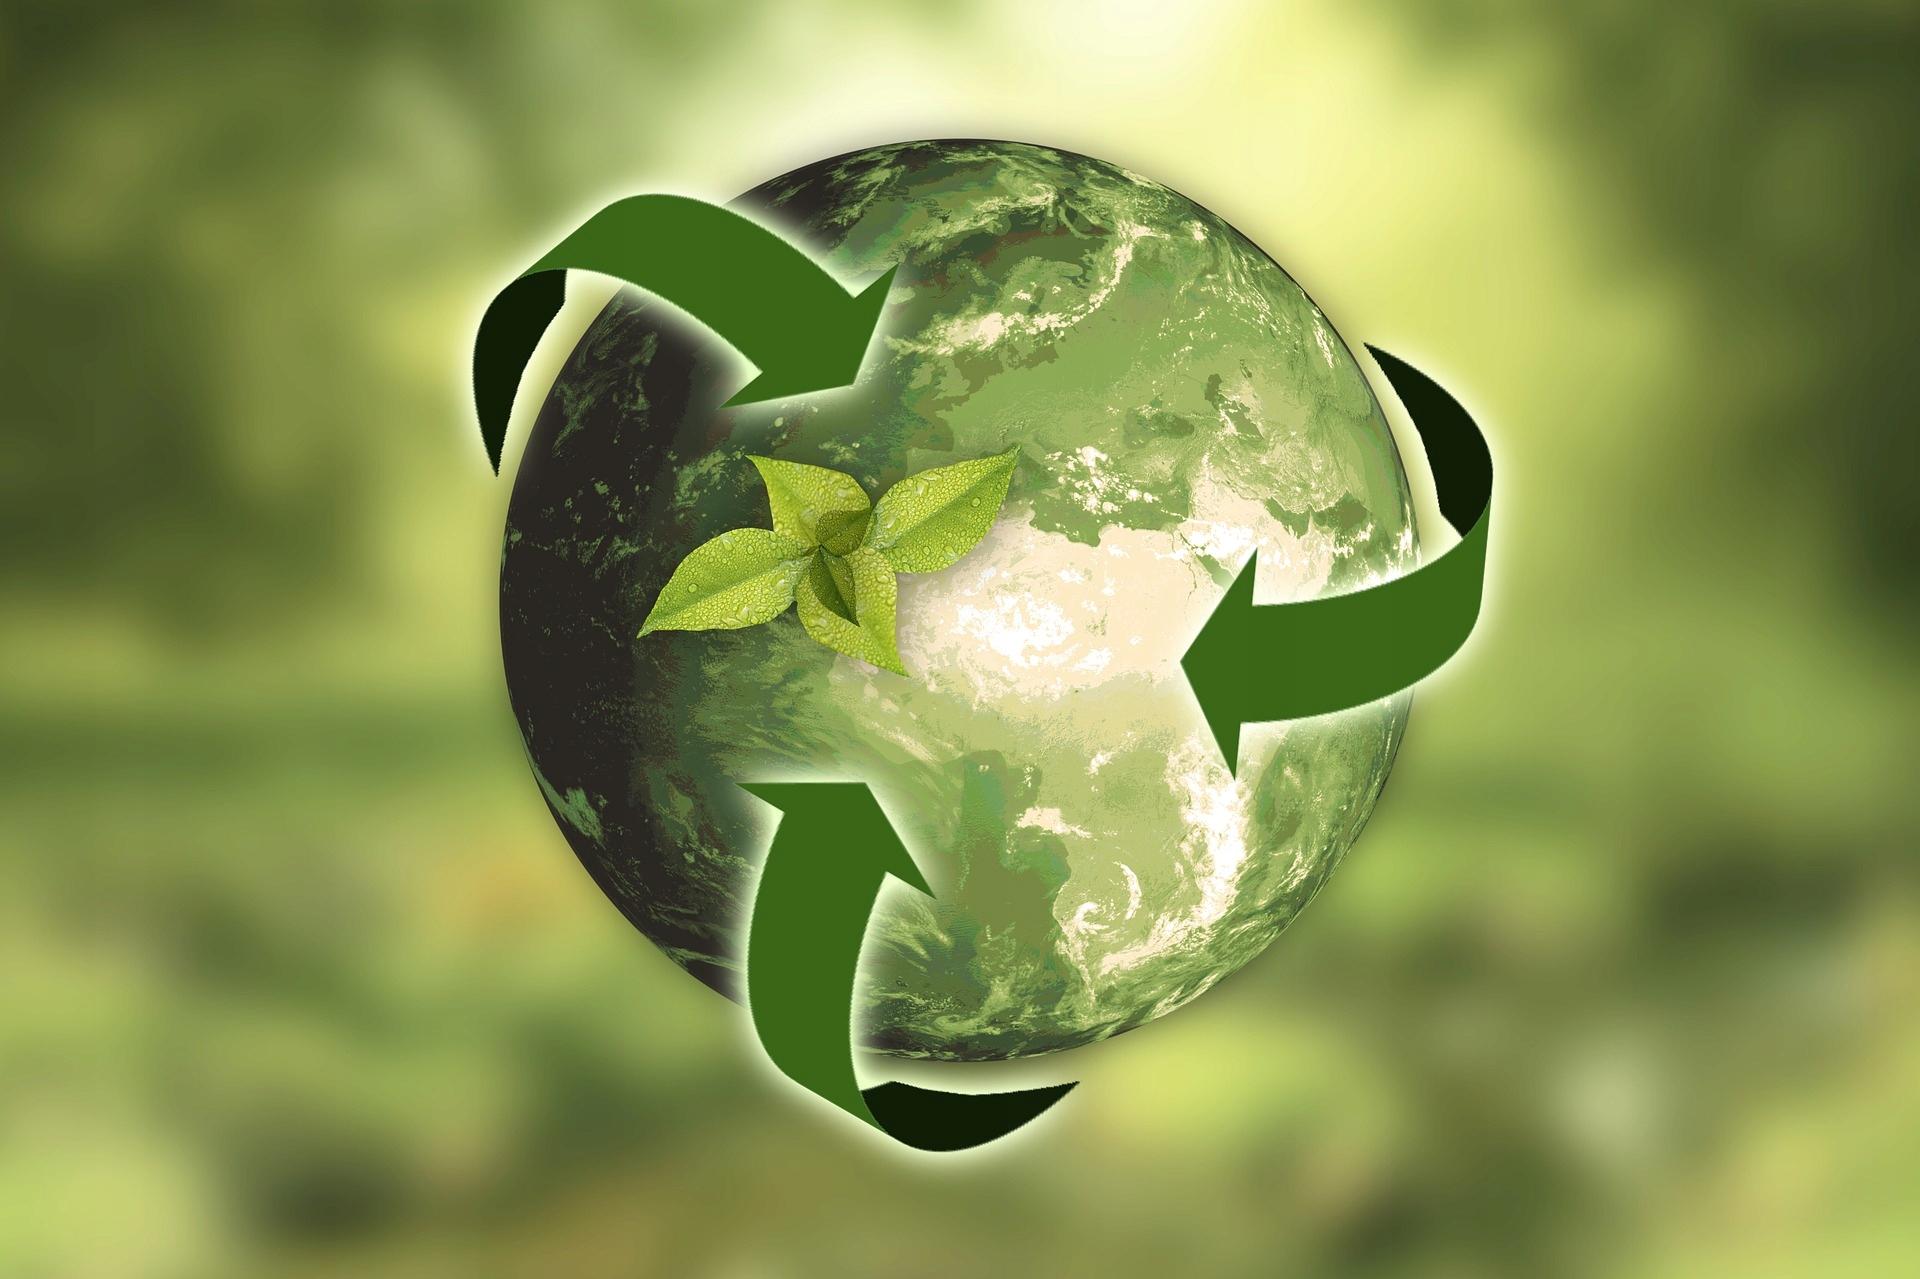 BIODEGRADOWALNE Worki na odpady BioBag 20l 15 szt. Kod producenta BioBag 20L A'15